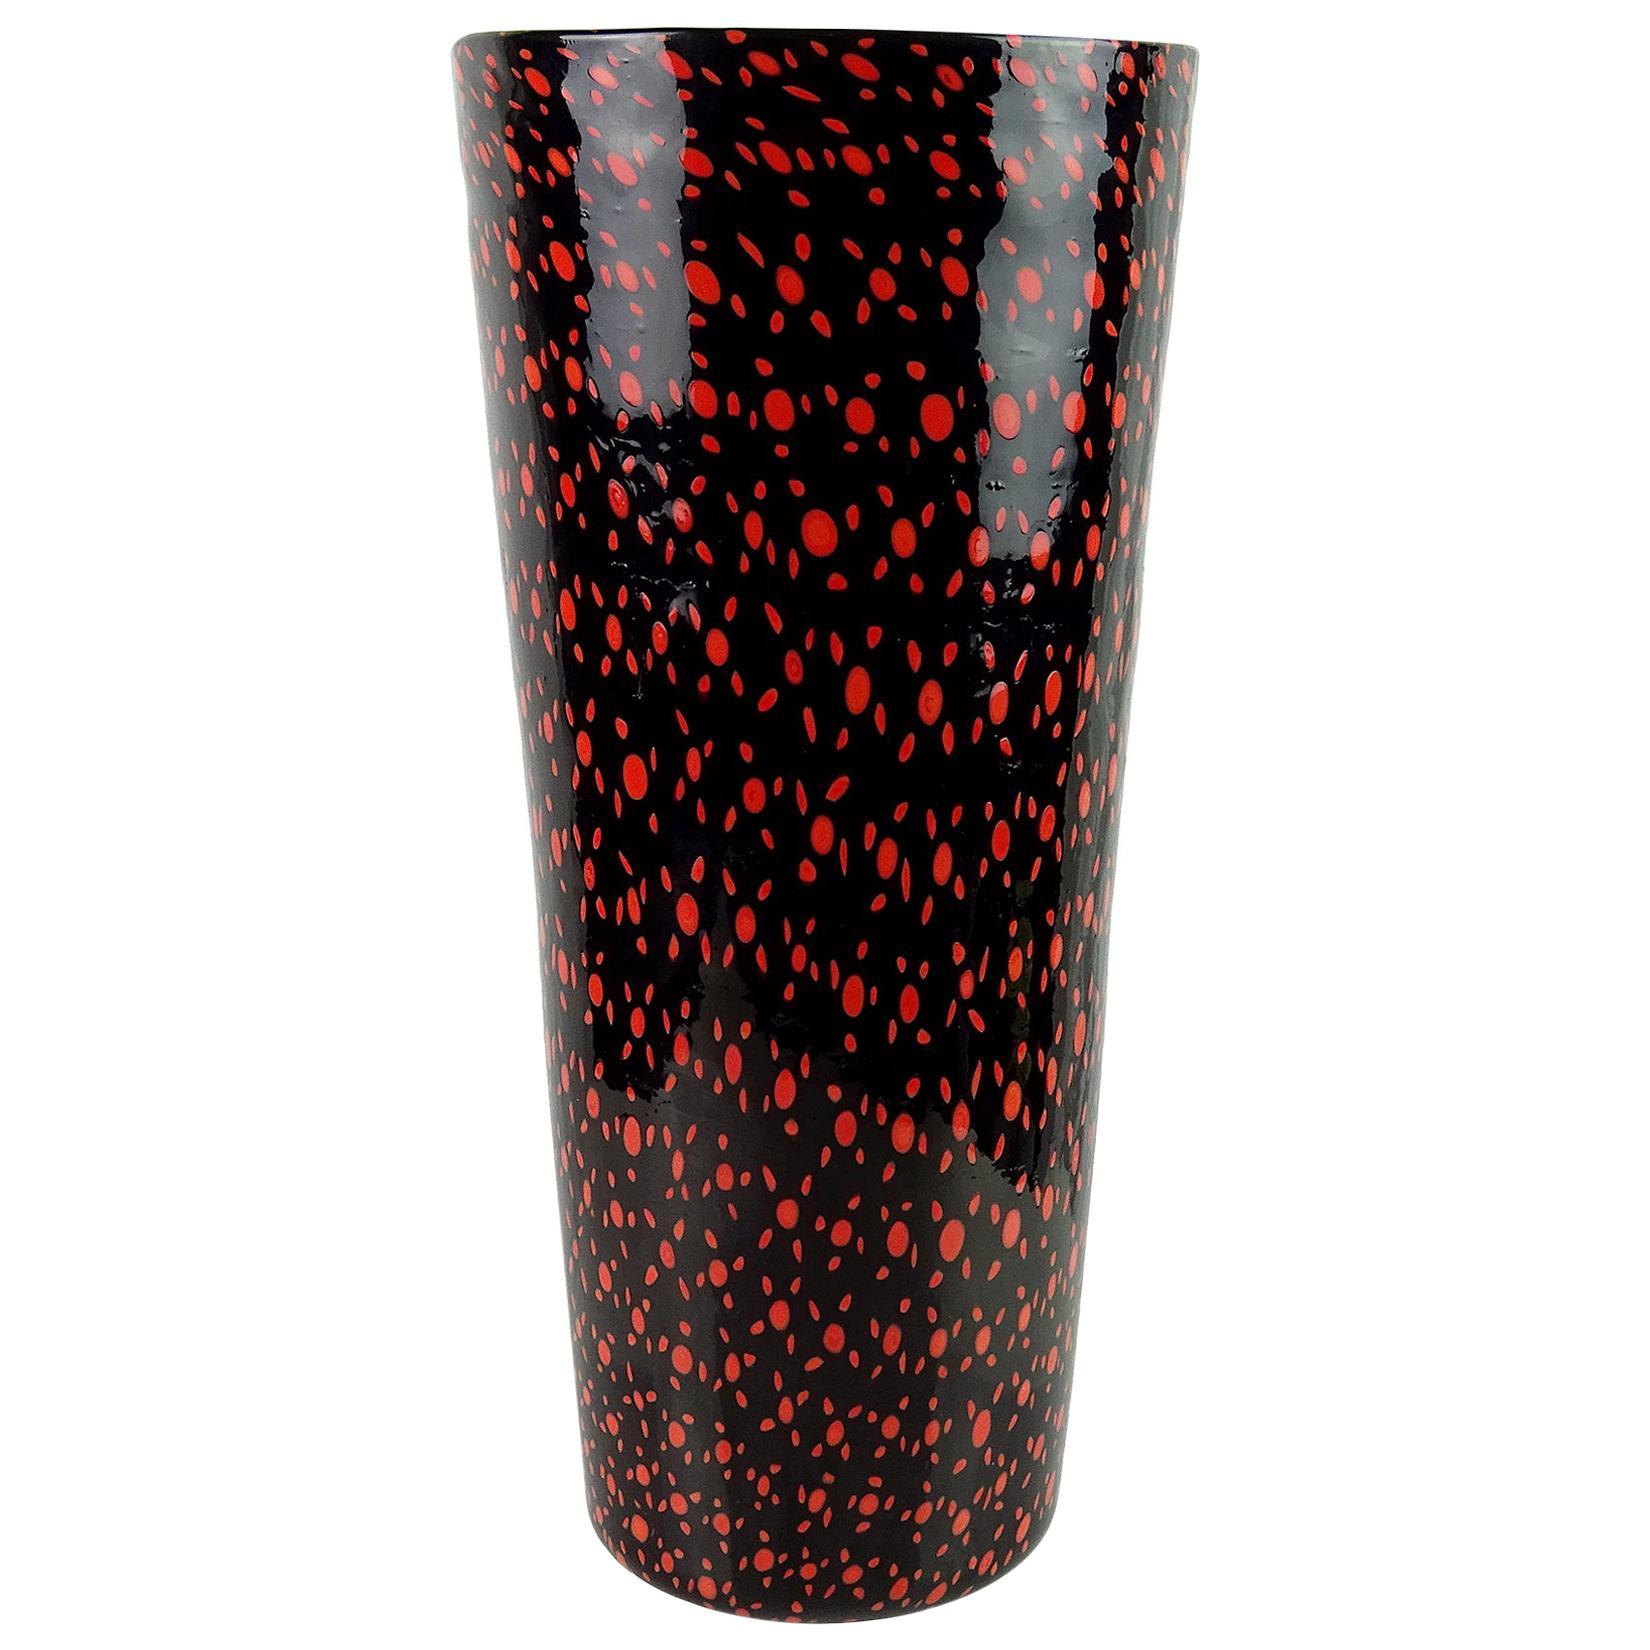 Vittorio Ferro Murano Black Red Orange Murrines Italian Art Glass Flower Vase